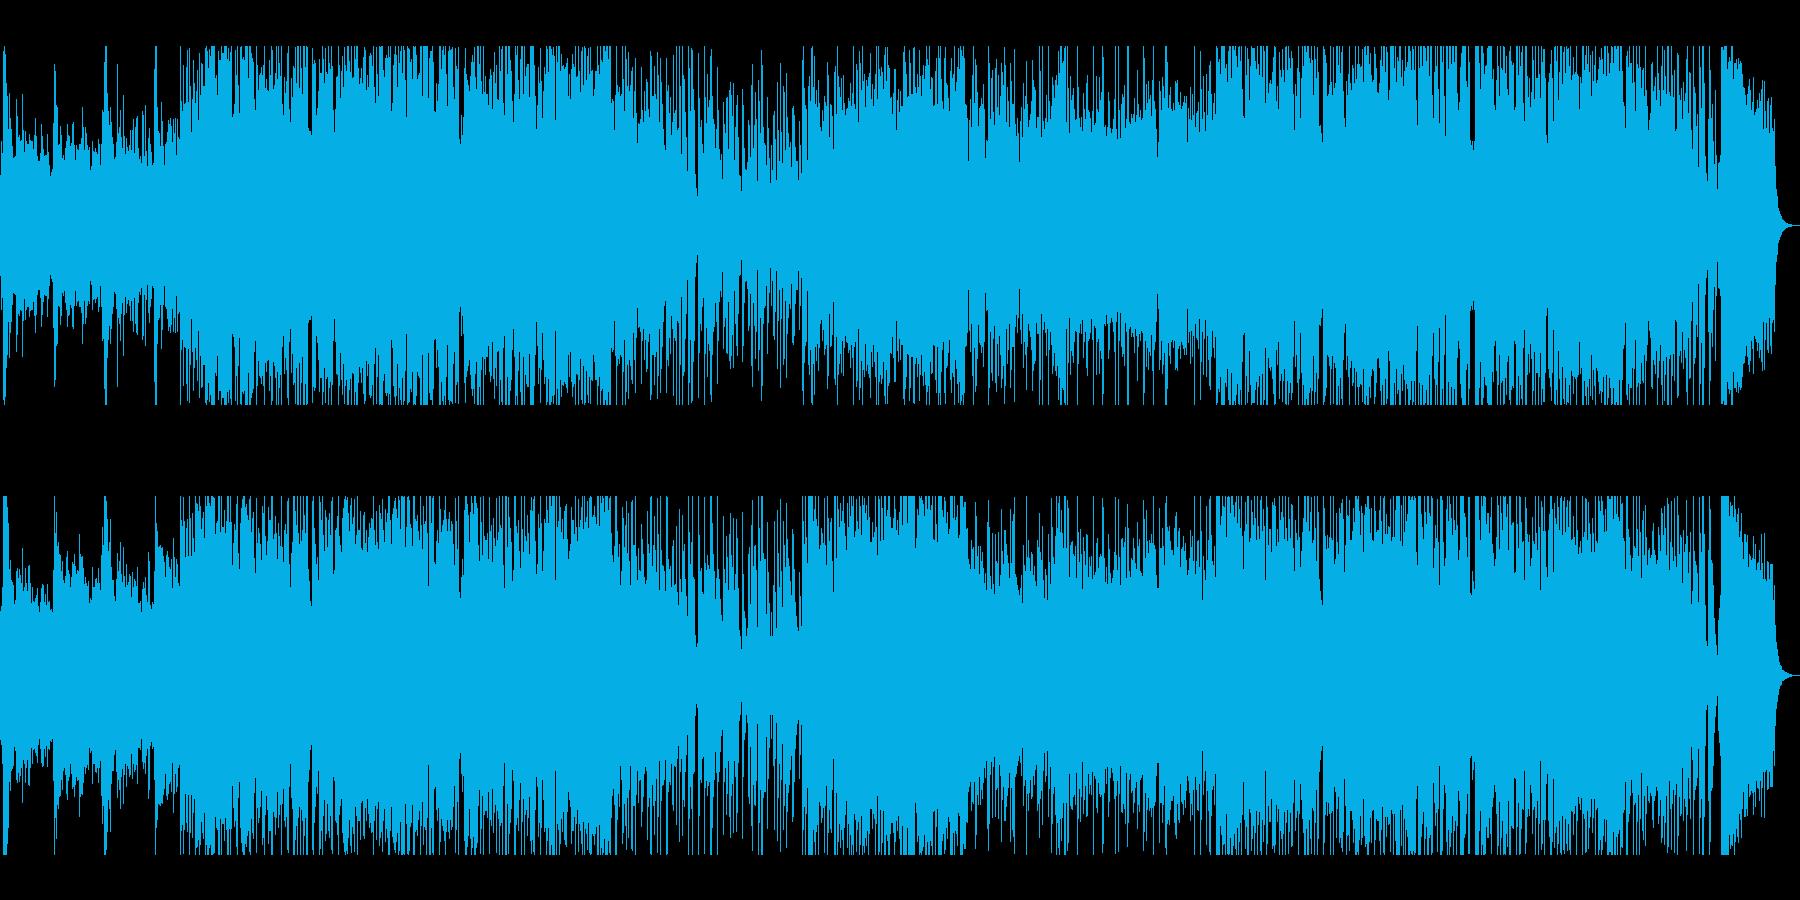 華やかで賑やかなブラスが響く入場曲の再生済みの波形